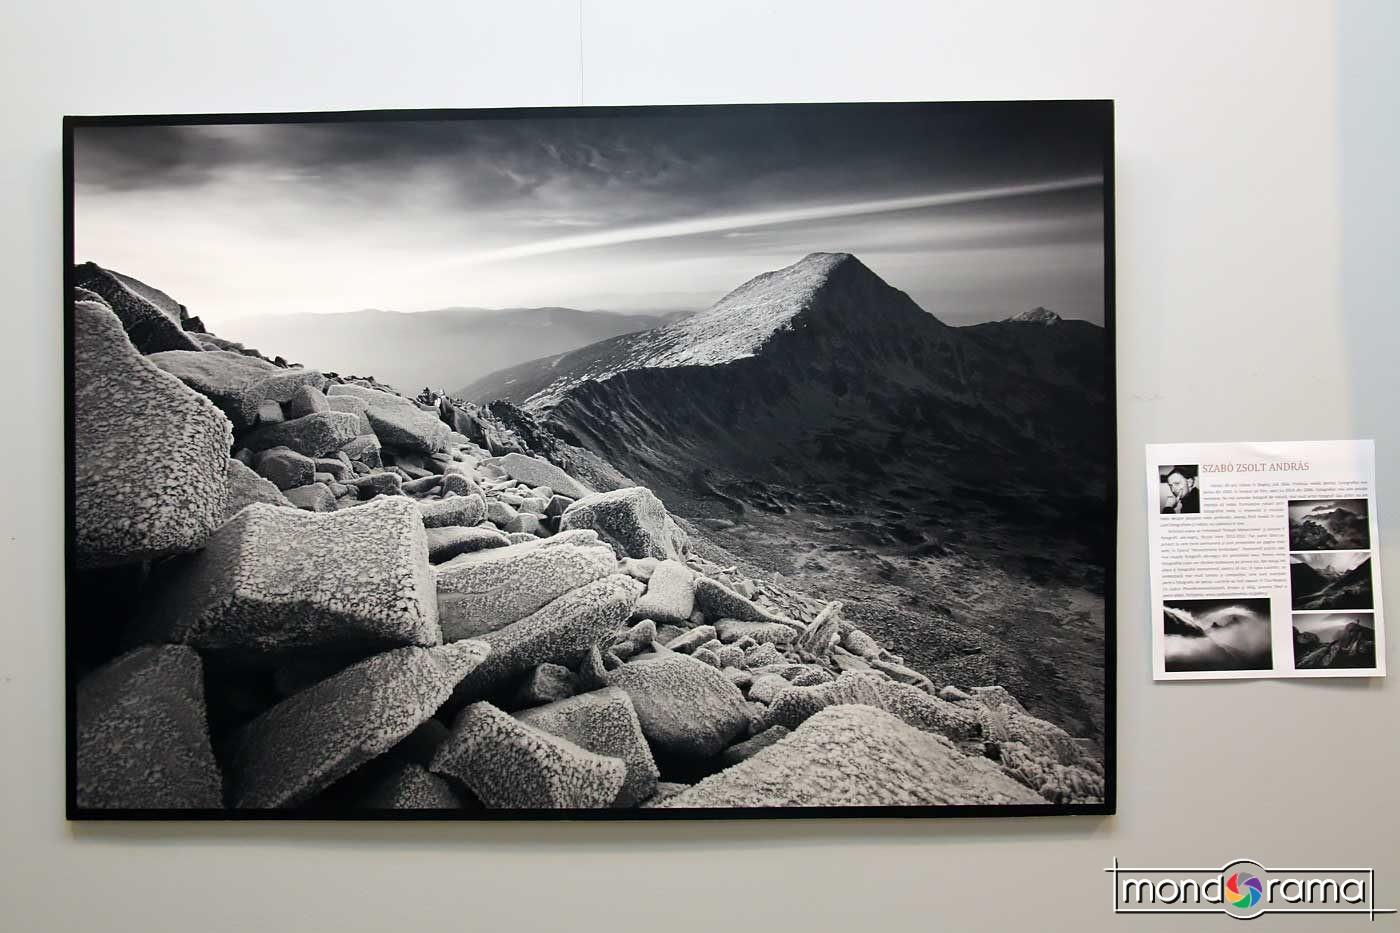 """Szabo Zsolt Andras: """"Peisaje monocrome"""", una dintre imaginile seriei."""